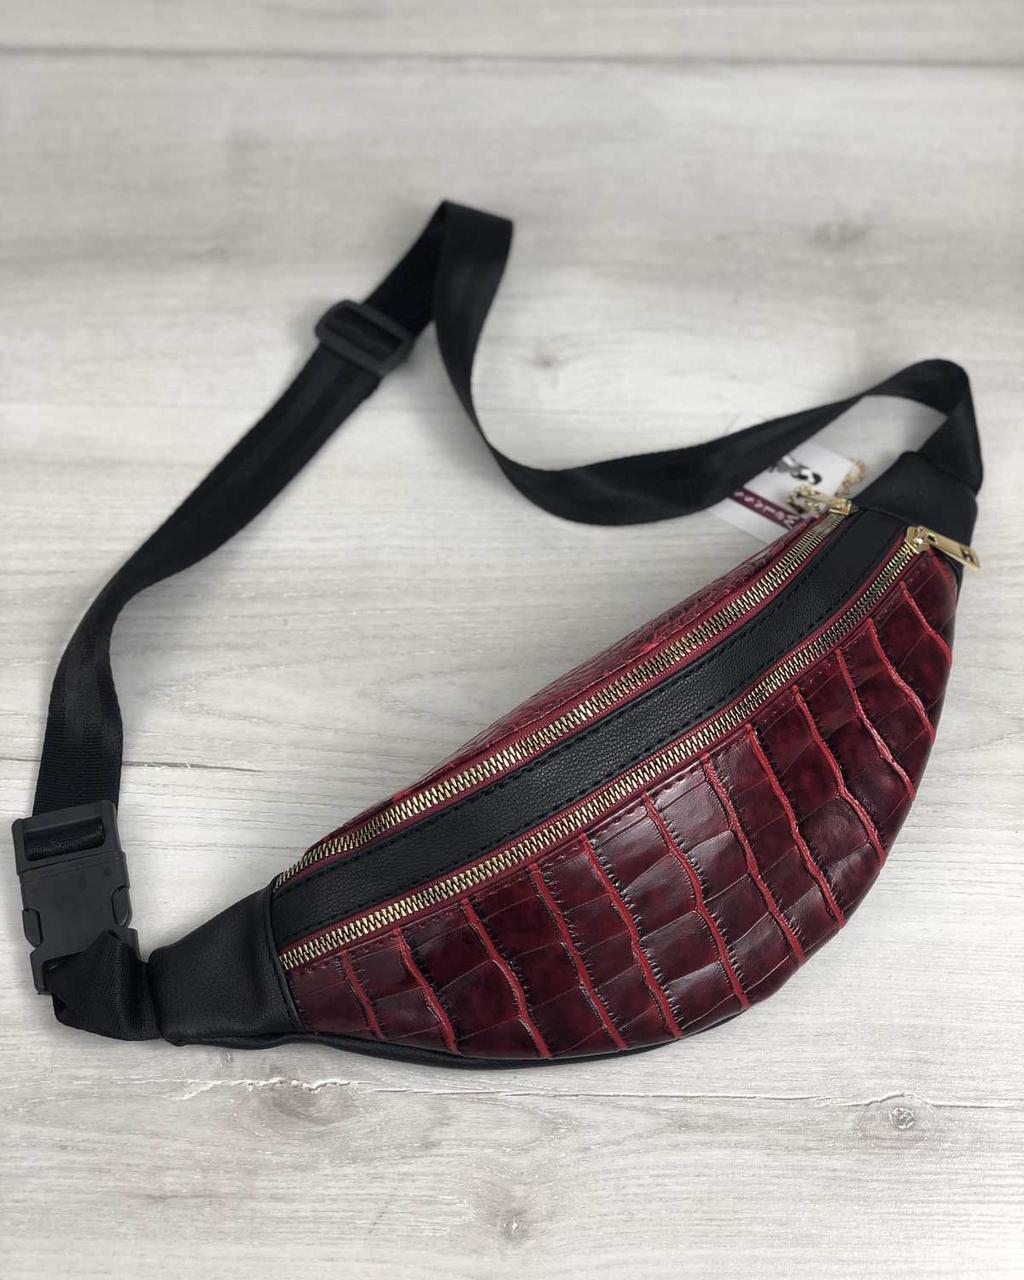 Женская сумка Бананка через плечо на два отделения красный крокодил, стильная женская сумочка на пояс